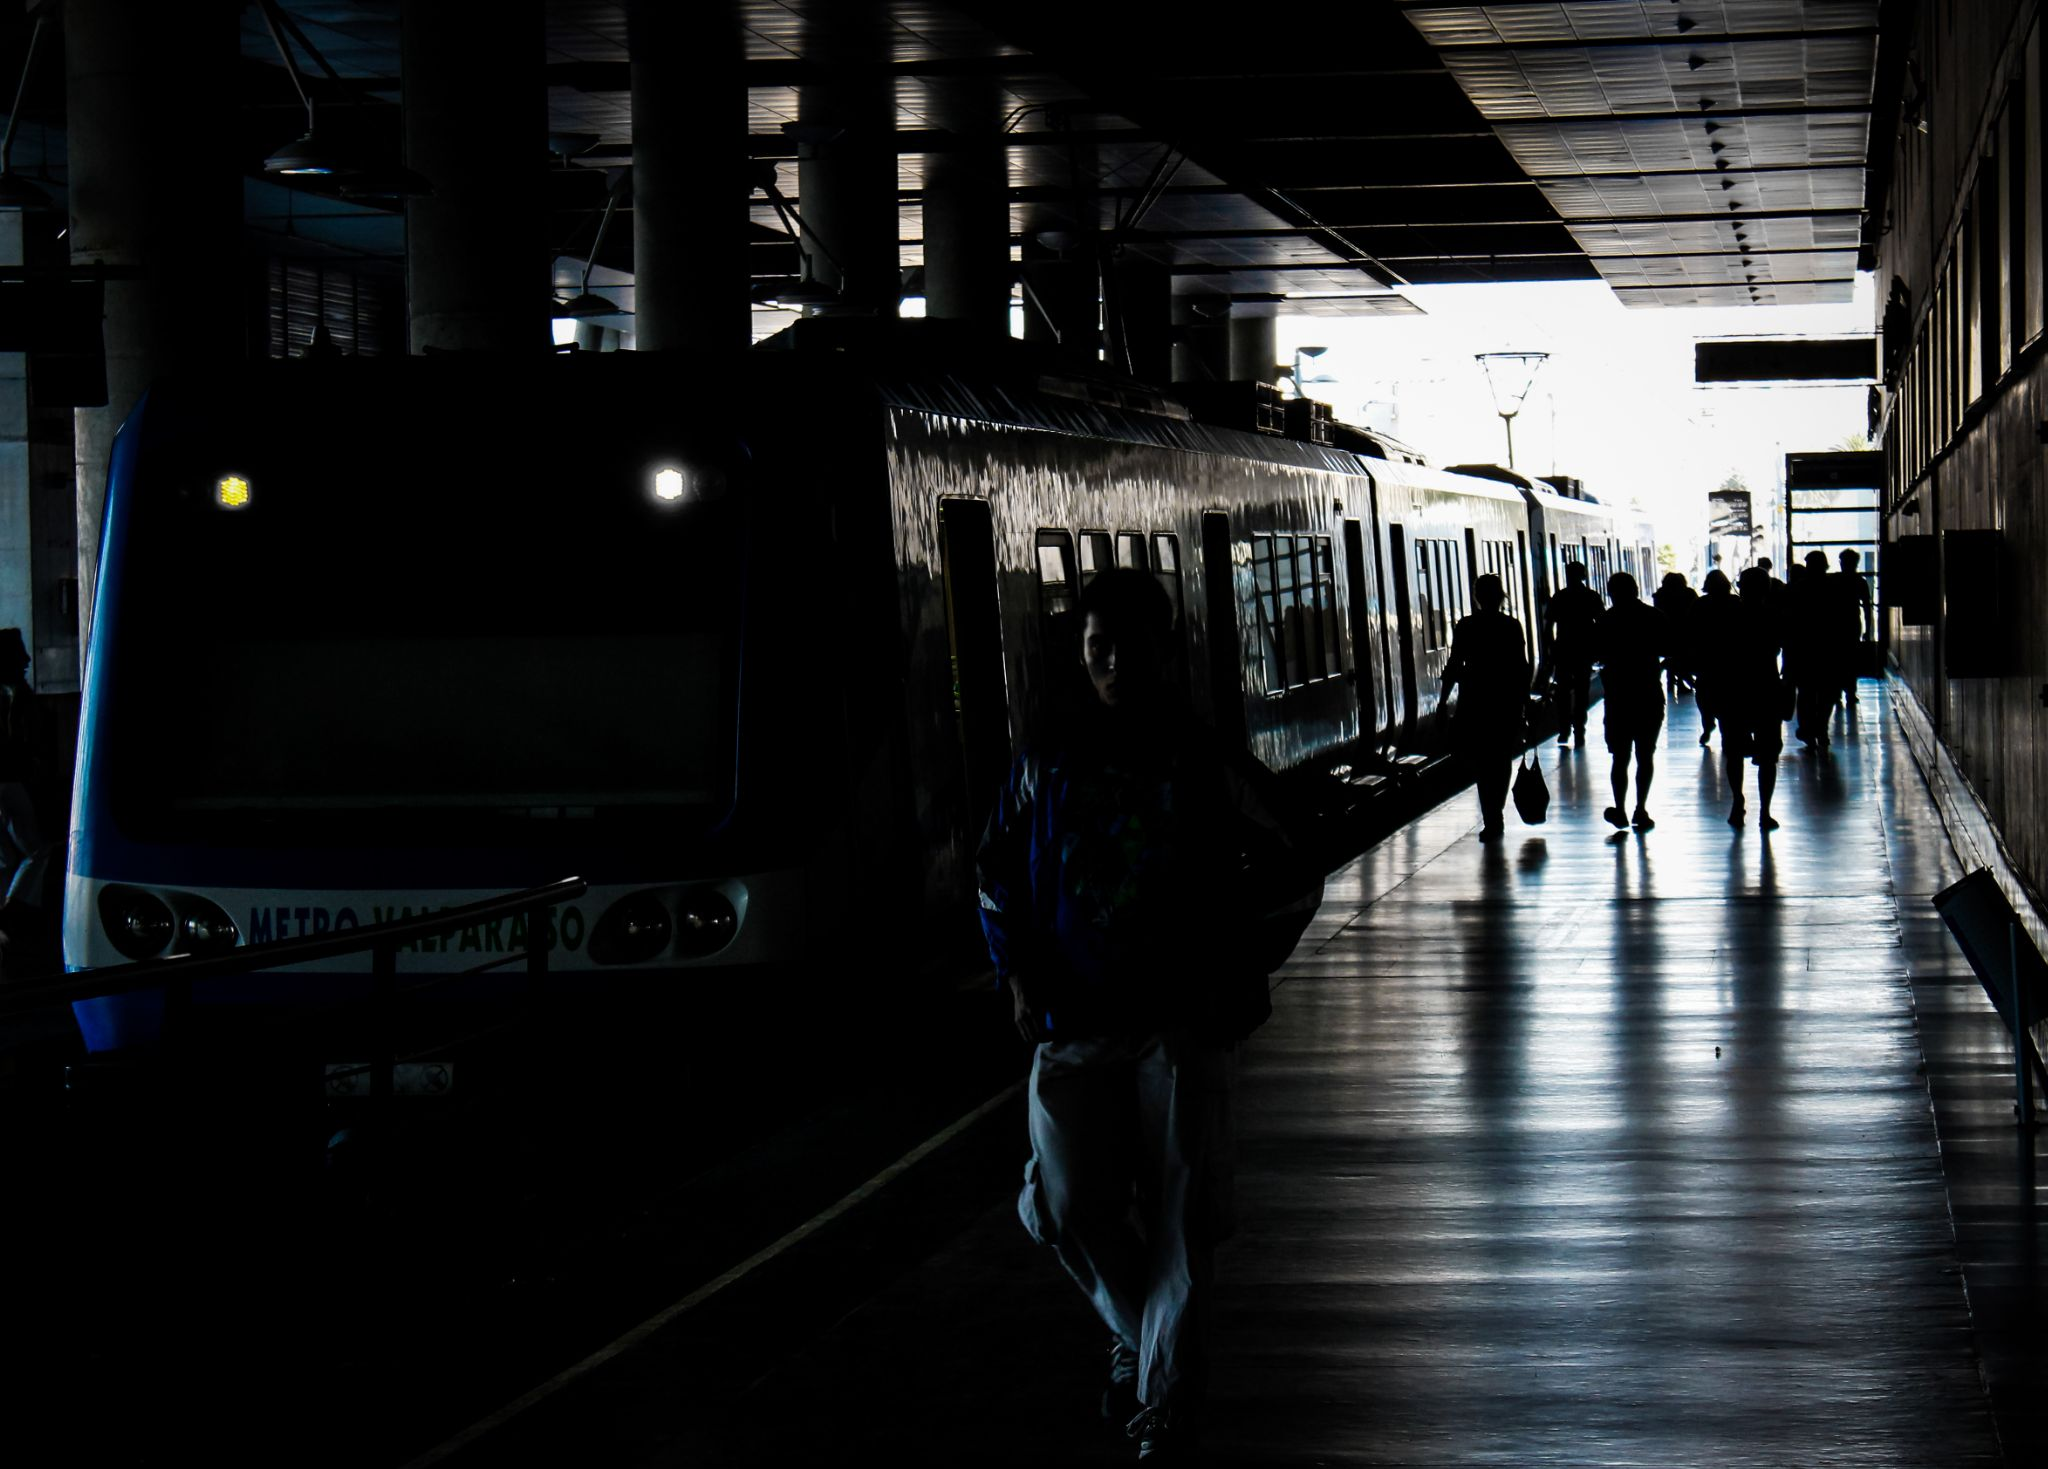 Estación by By3nz